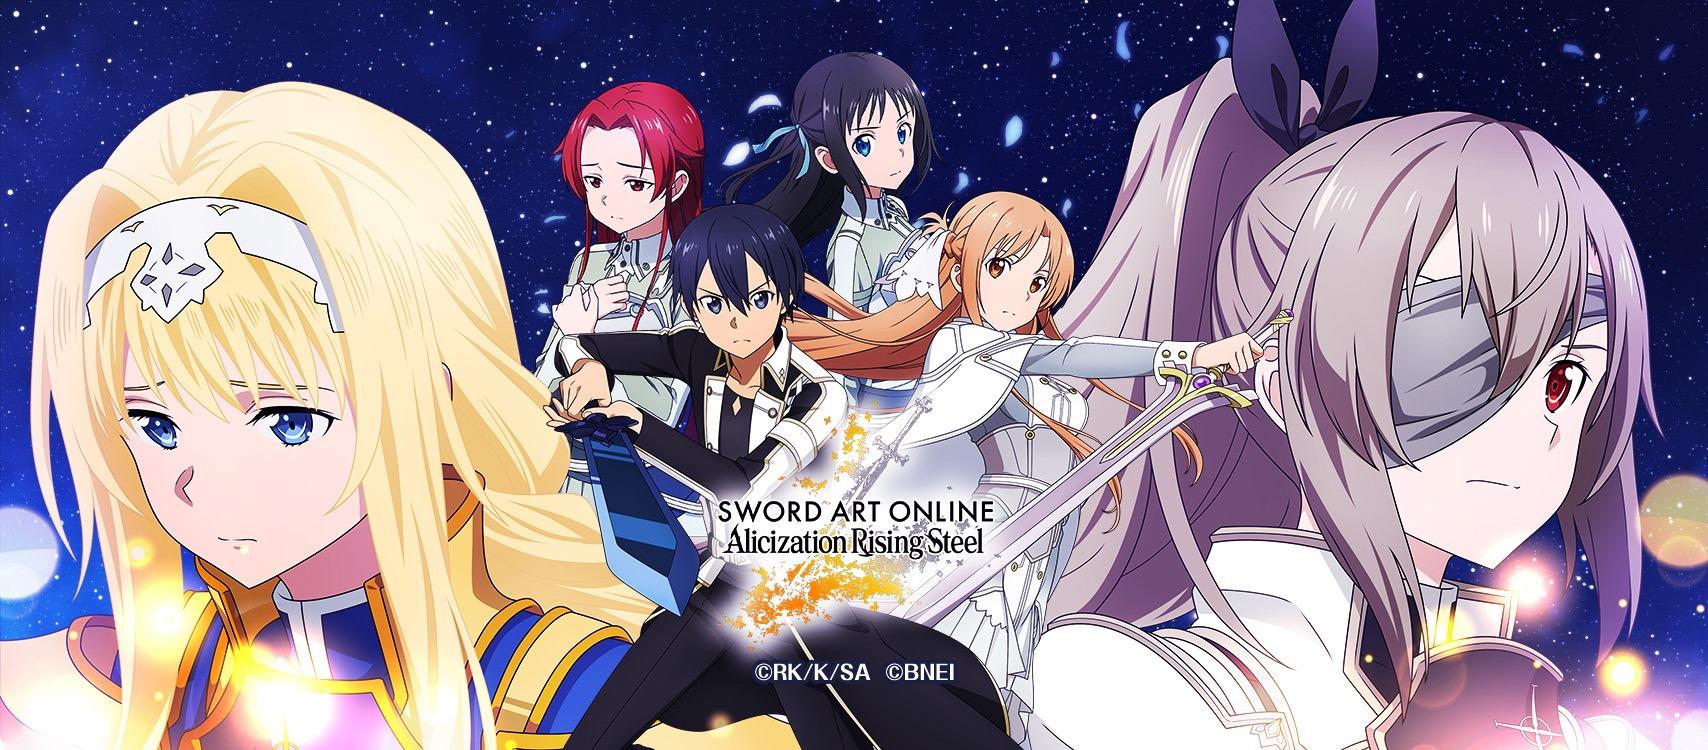 Sword Art Online 16112020 1